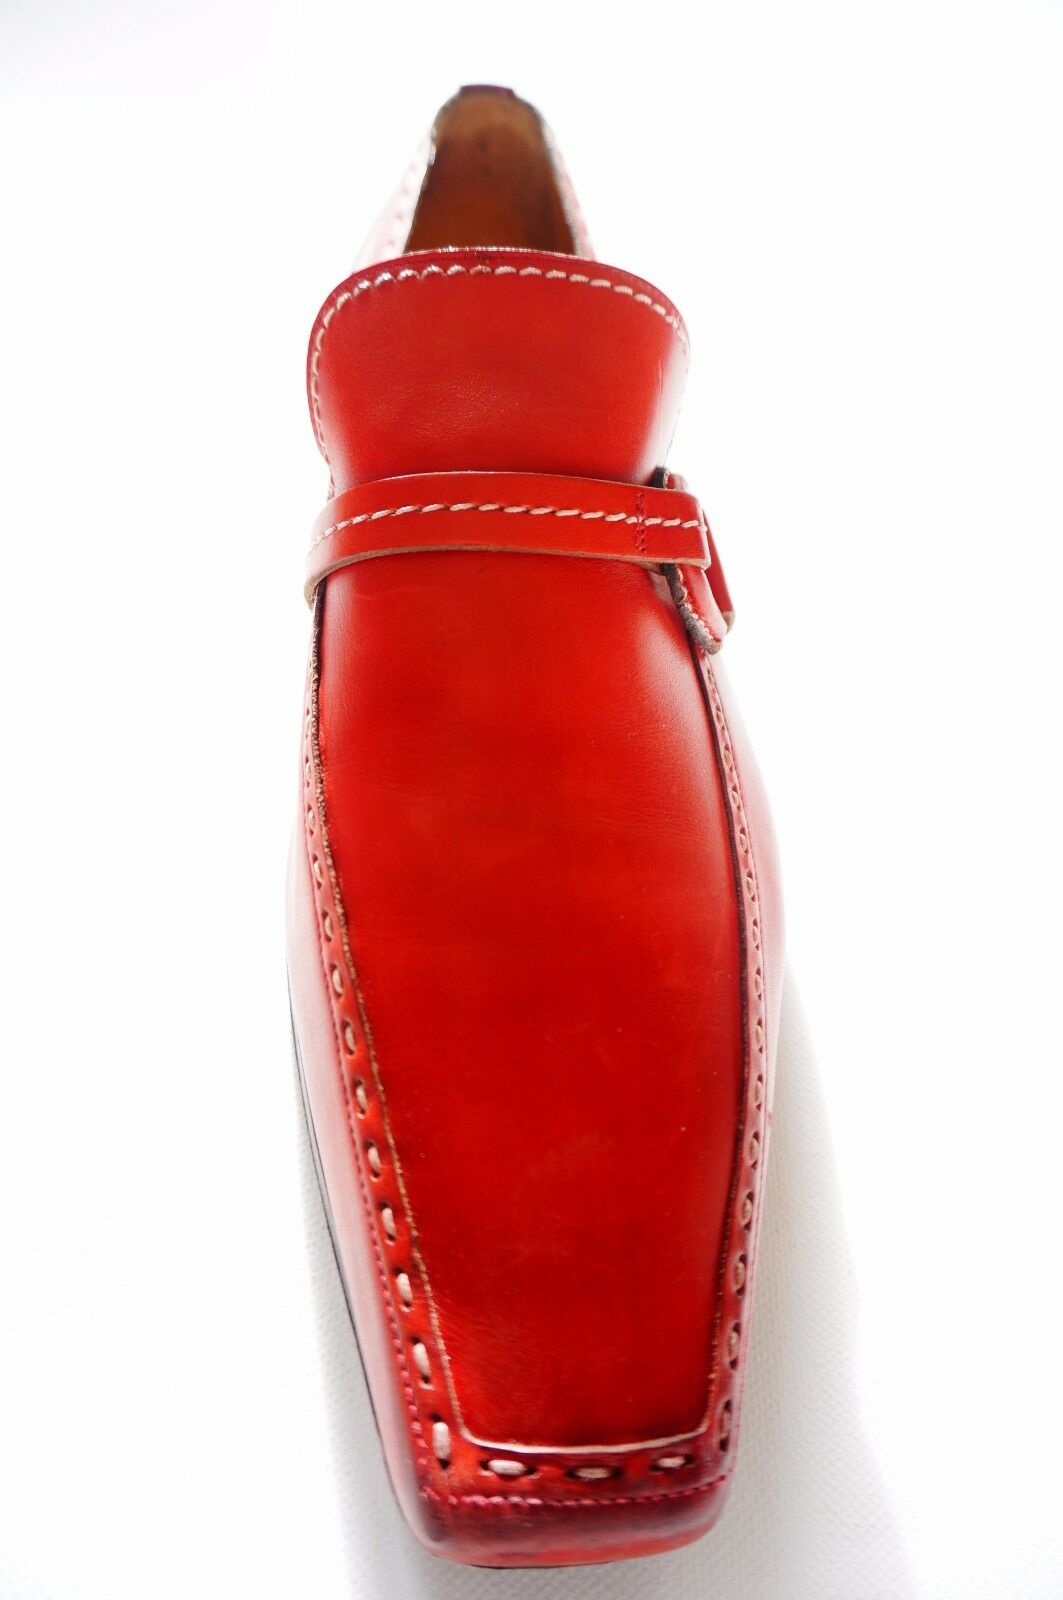 Sergio ROSSI Scarpe uomo scarpe, Rossi in pelle uomo Slipper Scarpe ROSSI grande; 45 (10.5) e39745